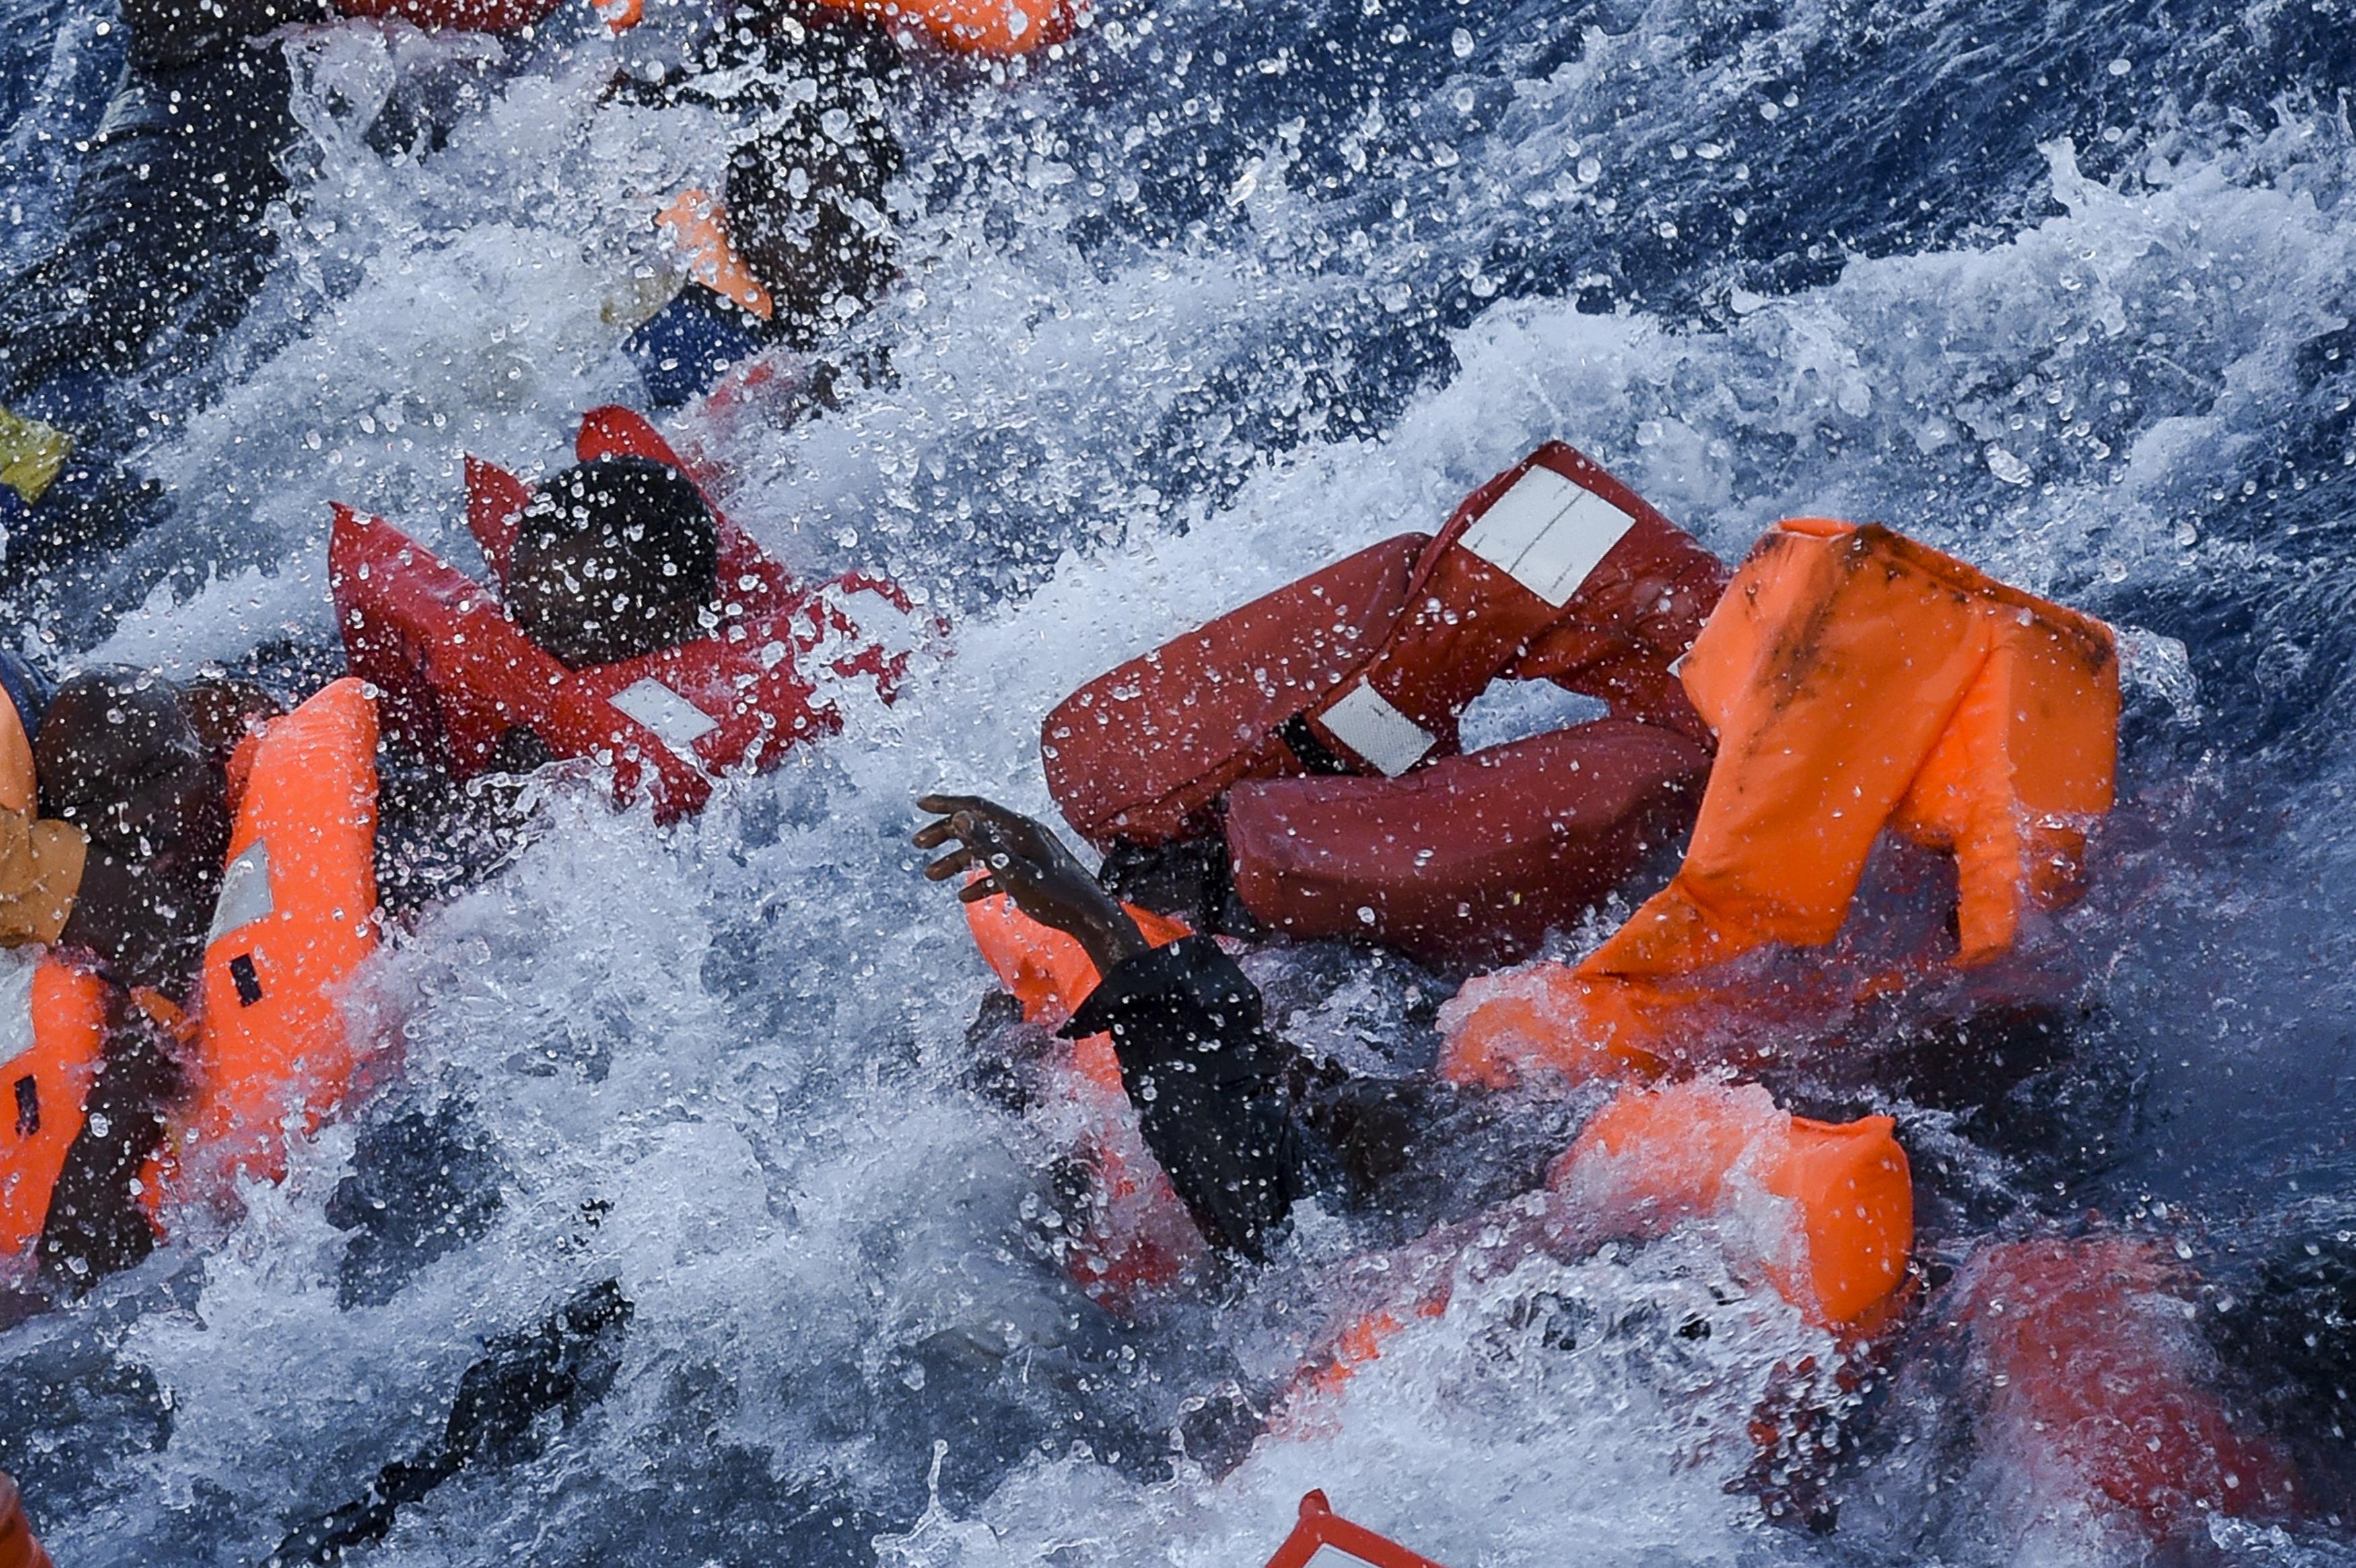 Az igazi kérdés, hogy hagyni kéne-e vízbe fulladni embereket